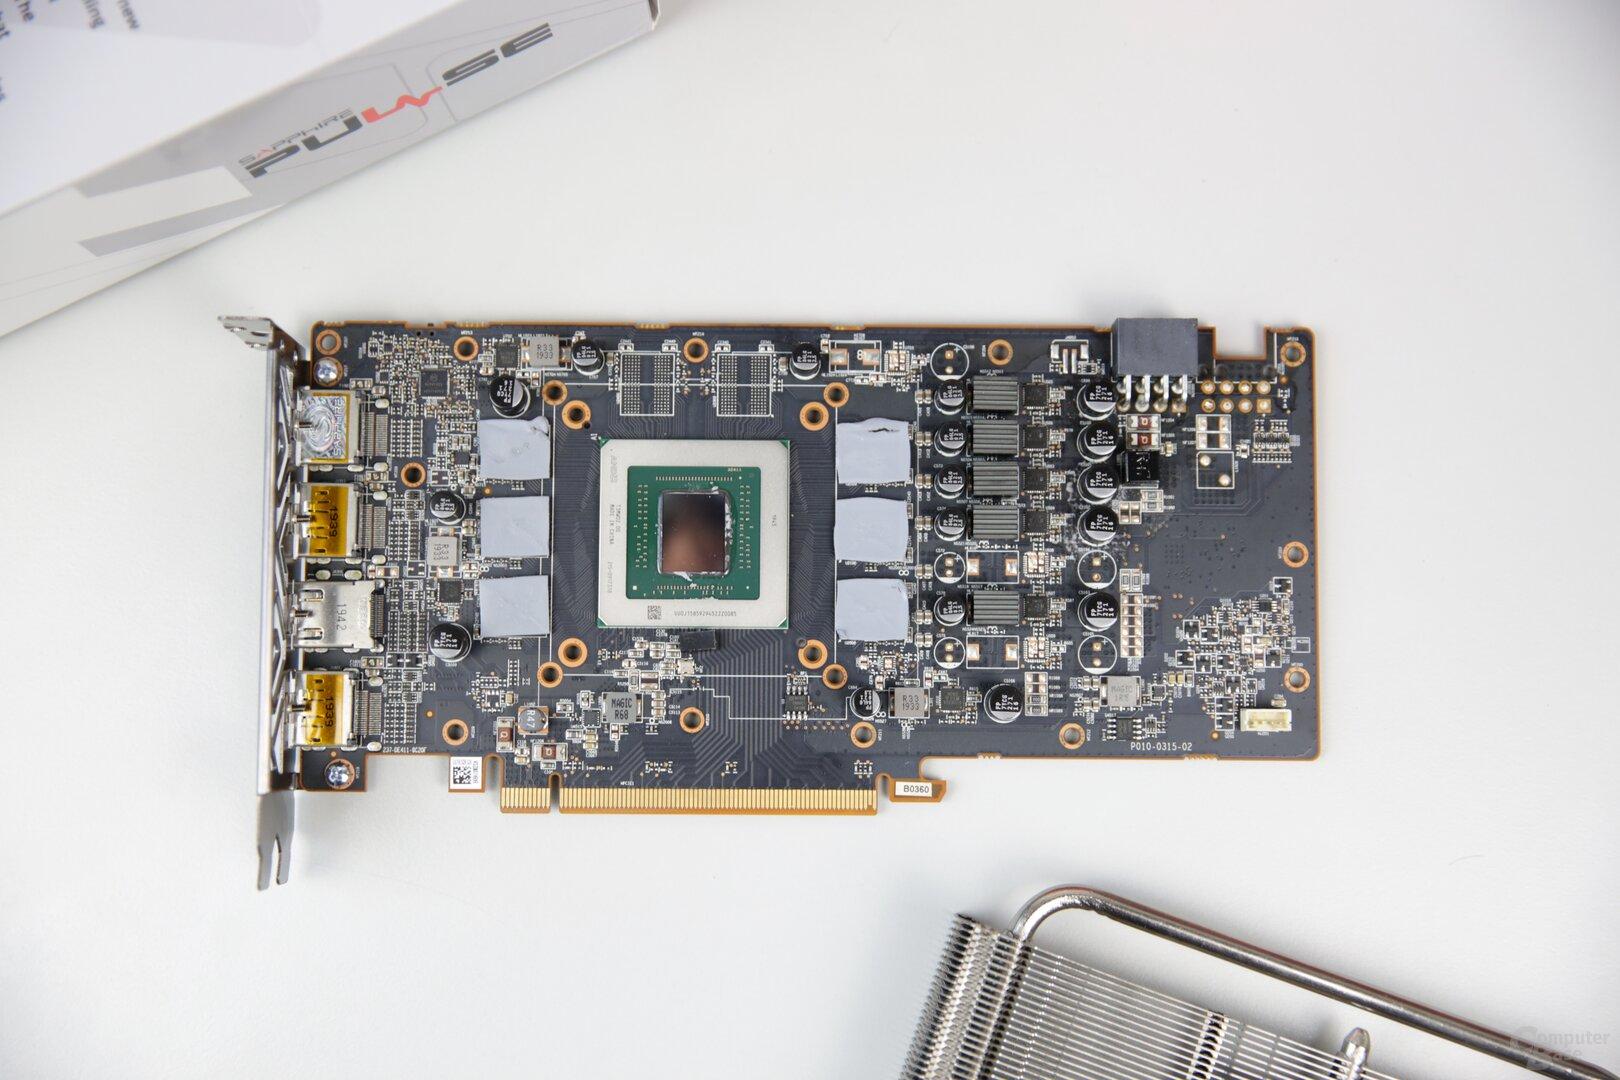 Auf dem PCB fehlen zwei Speicher-Chips und eine Phase bei der Stromversorgung